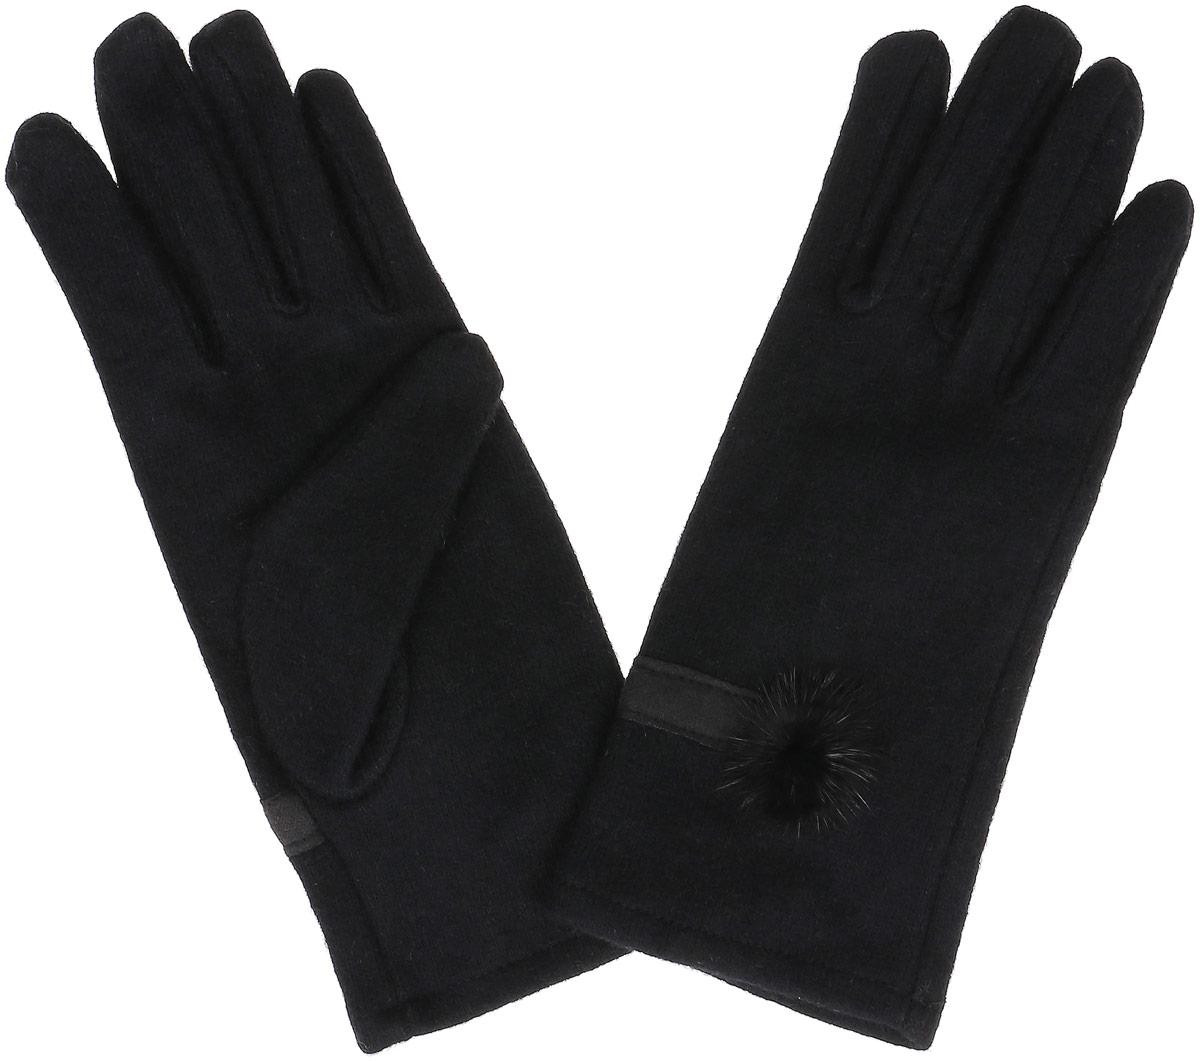 Перчатки женские Sela, цвет: черный. GL-143/063-6302. Размер 18GL-143/063-6302Элегантные женские перчатки Sela, выполненные из акрила с добавлением шерсти, не только согреют пальчики, но и дополнят ваш наряд в качестве эффектного аксессуара.Эластичный трикотаж не будет стеснять движений. Внешняя сторона перчатки декорирована трикотажной полоской и мехом. Перчатки станут завершающим и подчеркивающим элементом вашего стиля и неповторимости.